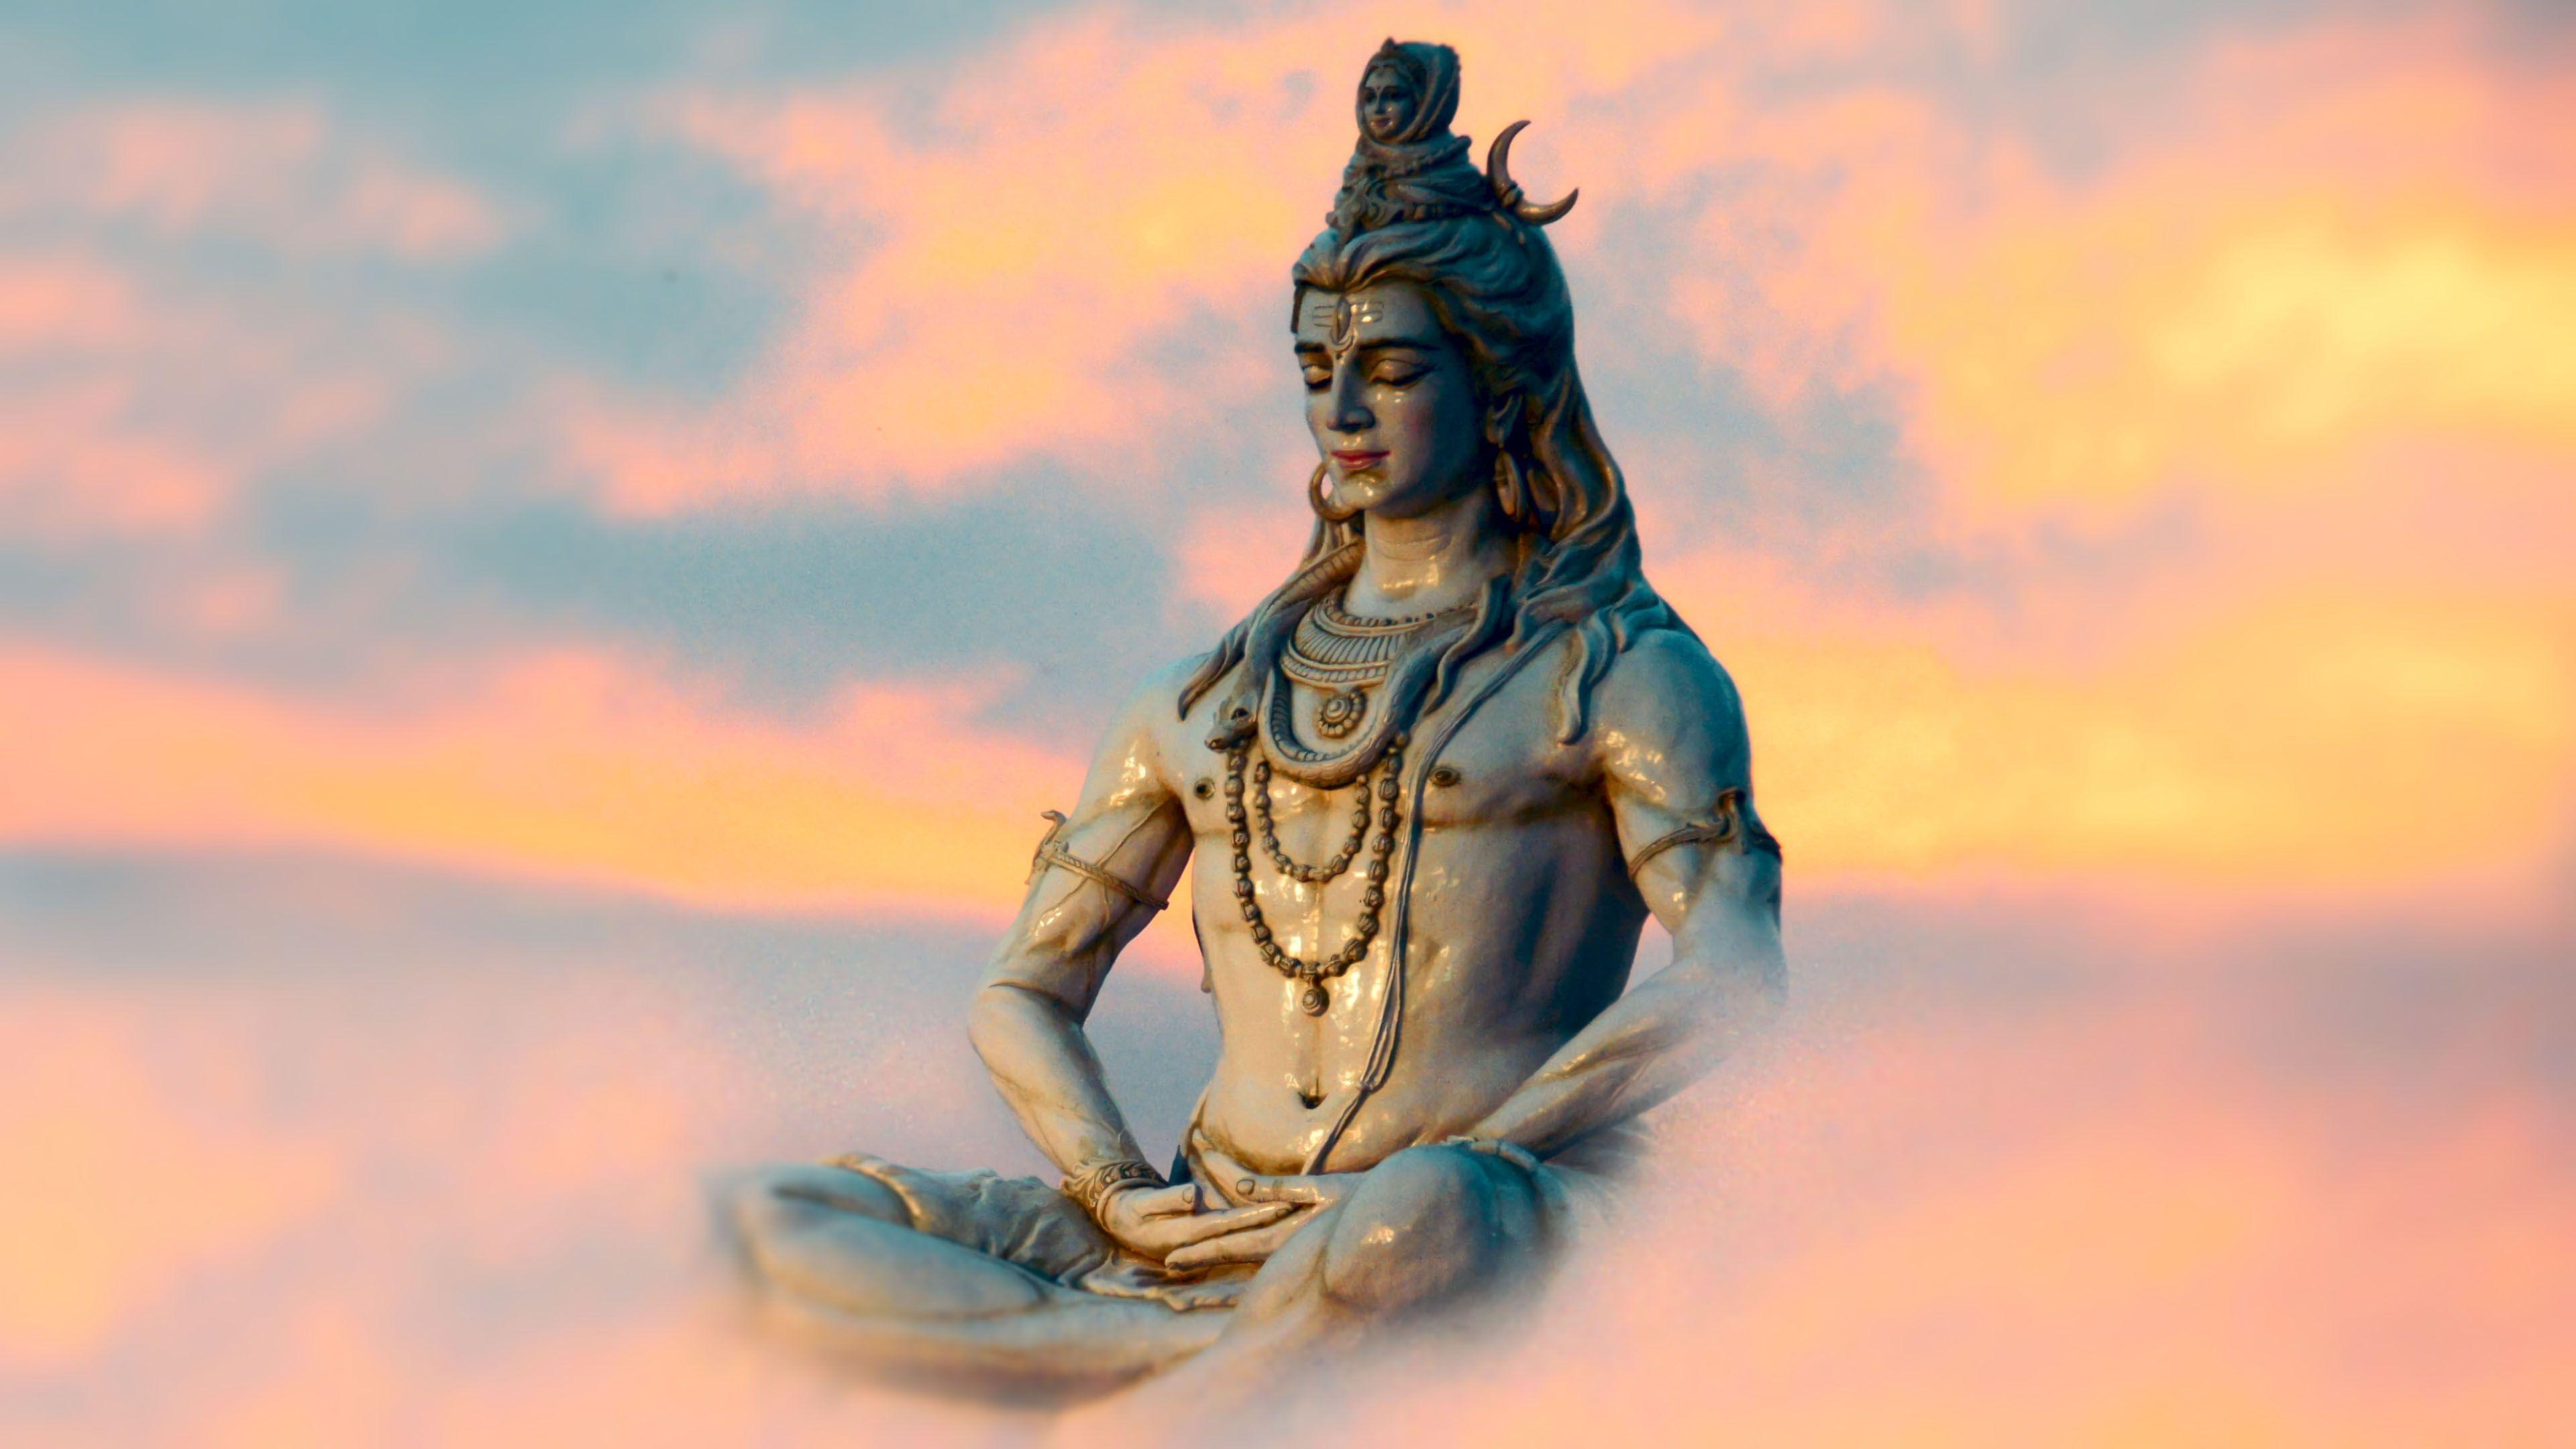 Hình nền HD 3840x2160 Chúa Shiva